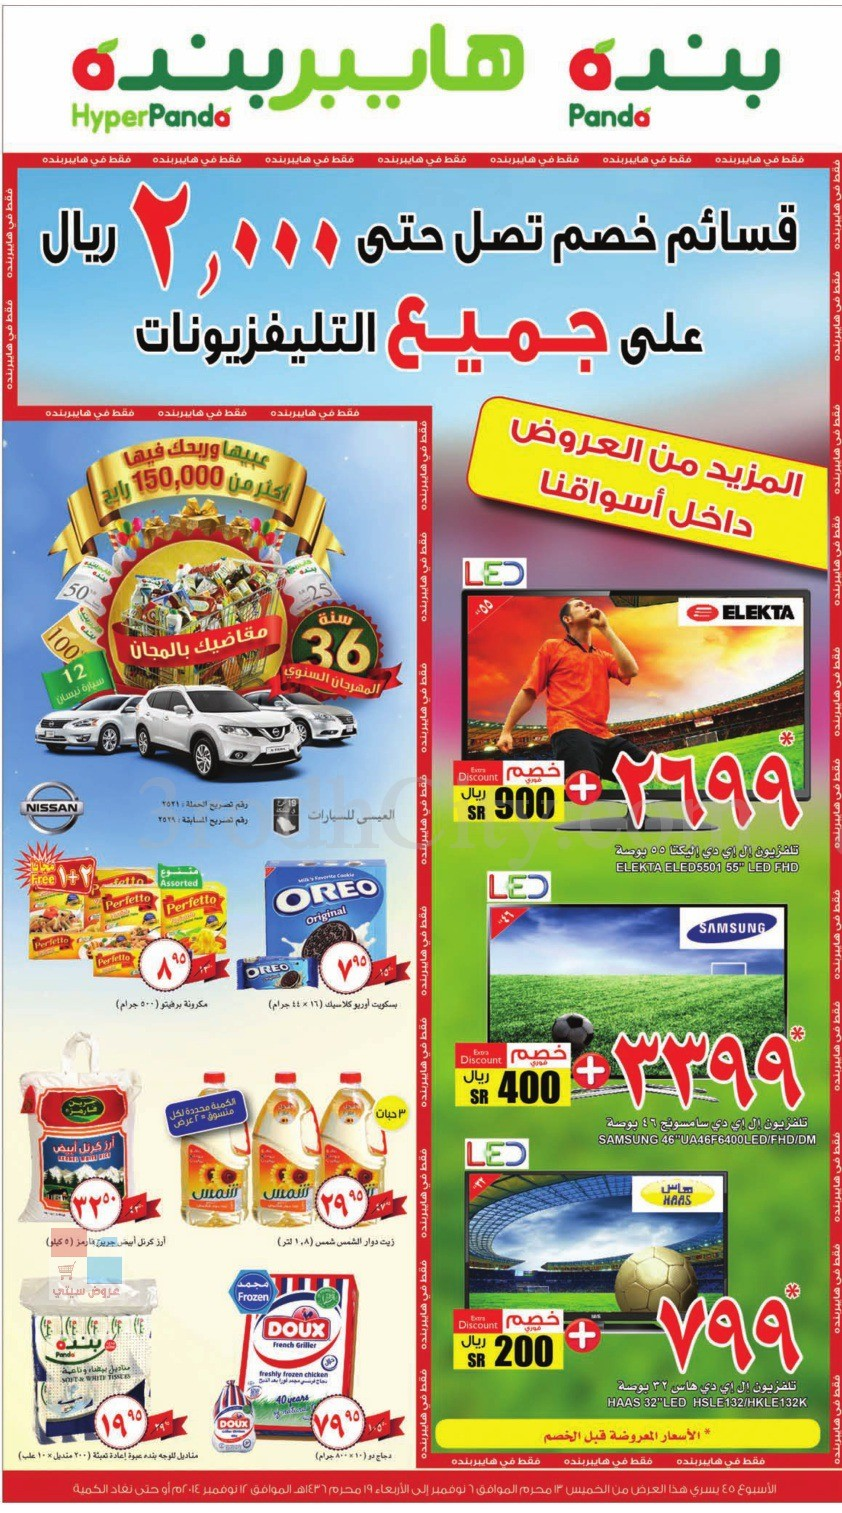 عروض هايبر بندة الرياض اليوم bFX1pP.jpg